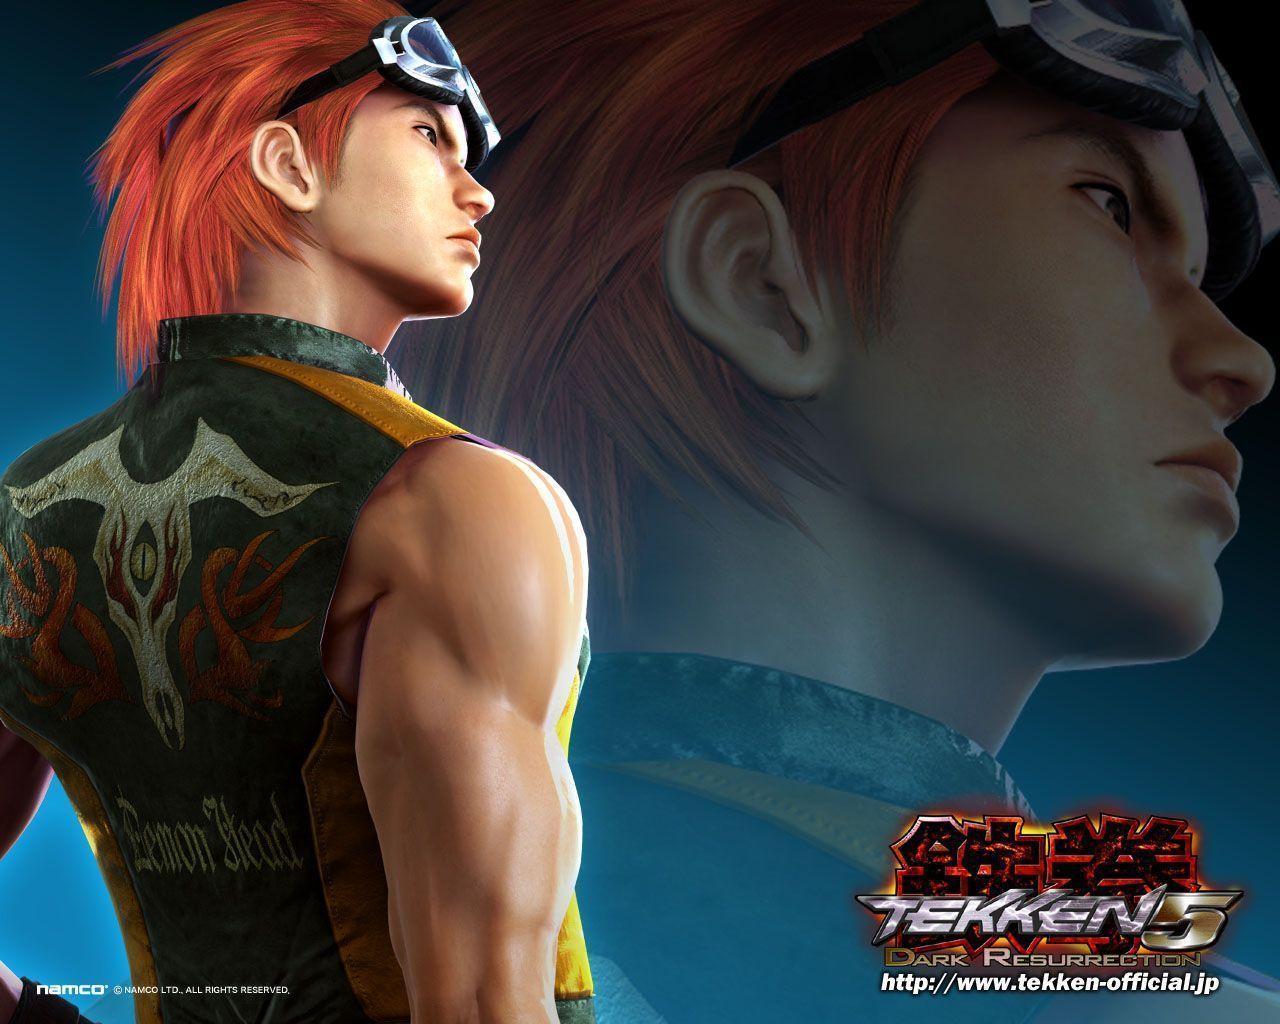 Tekken 5: Dark Resurrection - Wallpaper Gallery